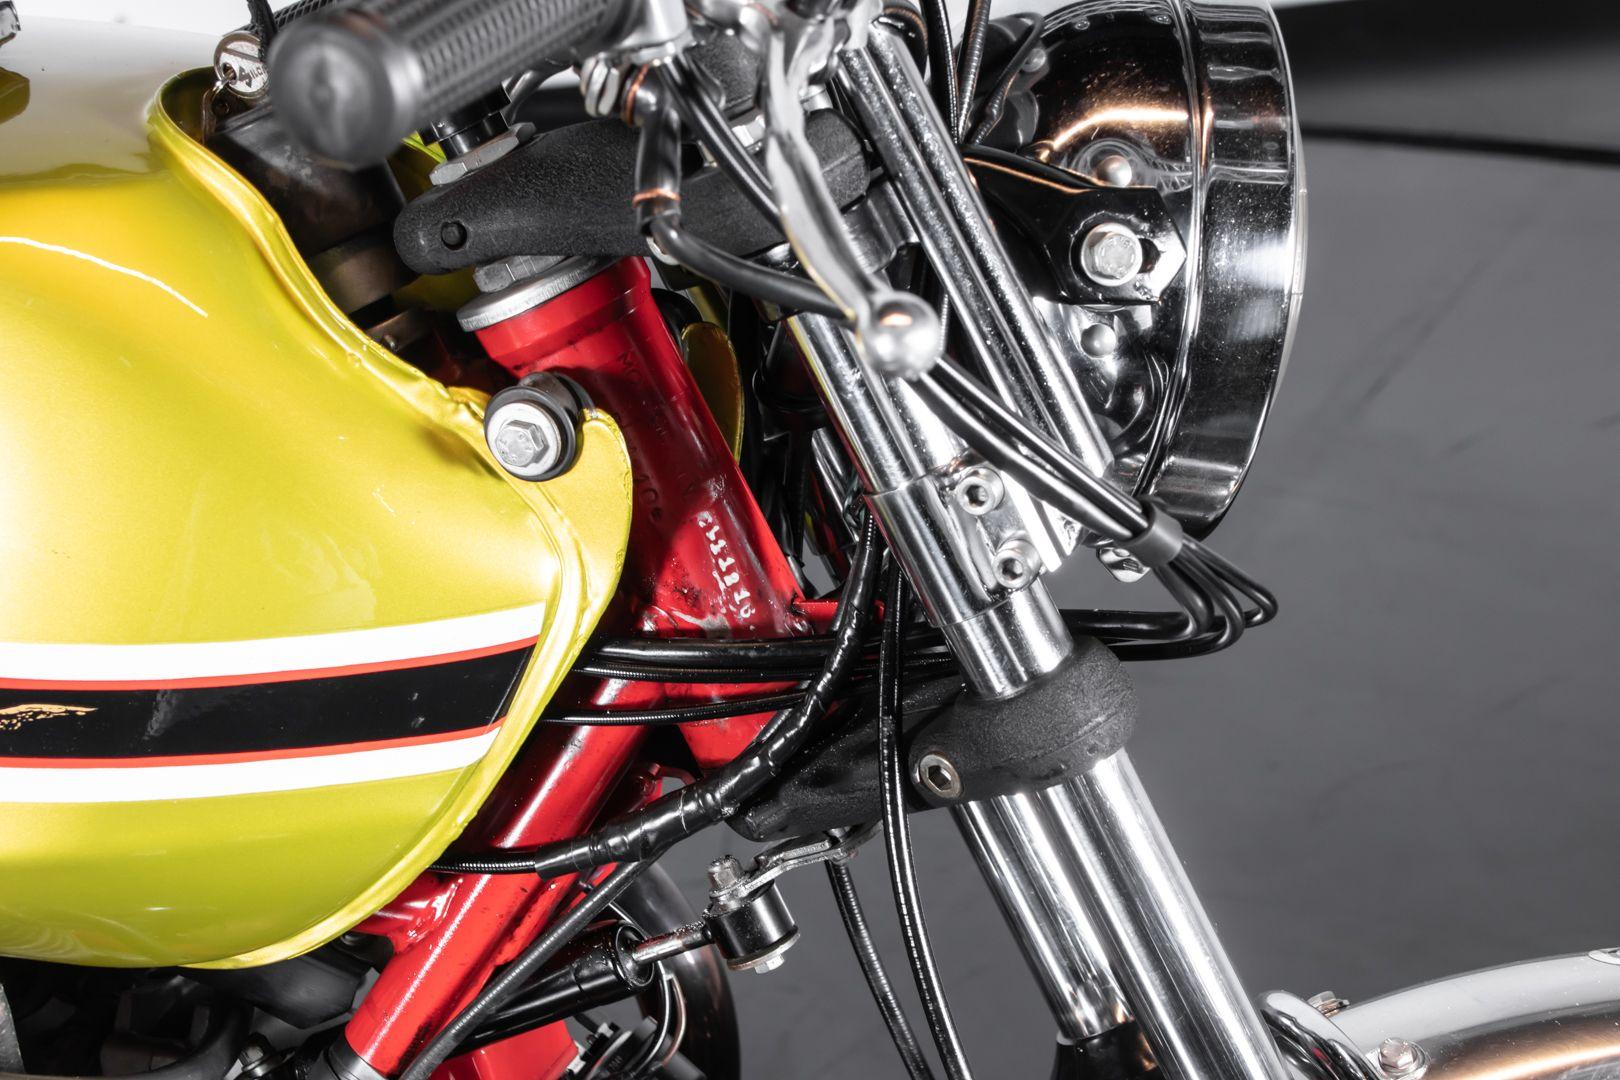 1972 Moto Guzzi V7 Sport Telaio Rosso 76530